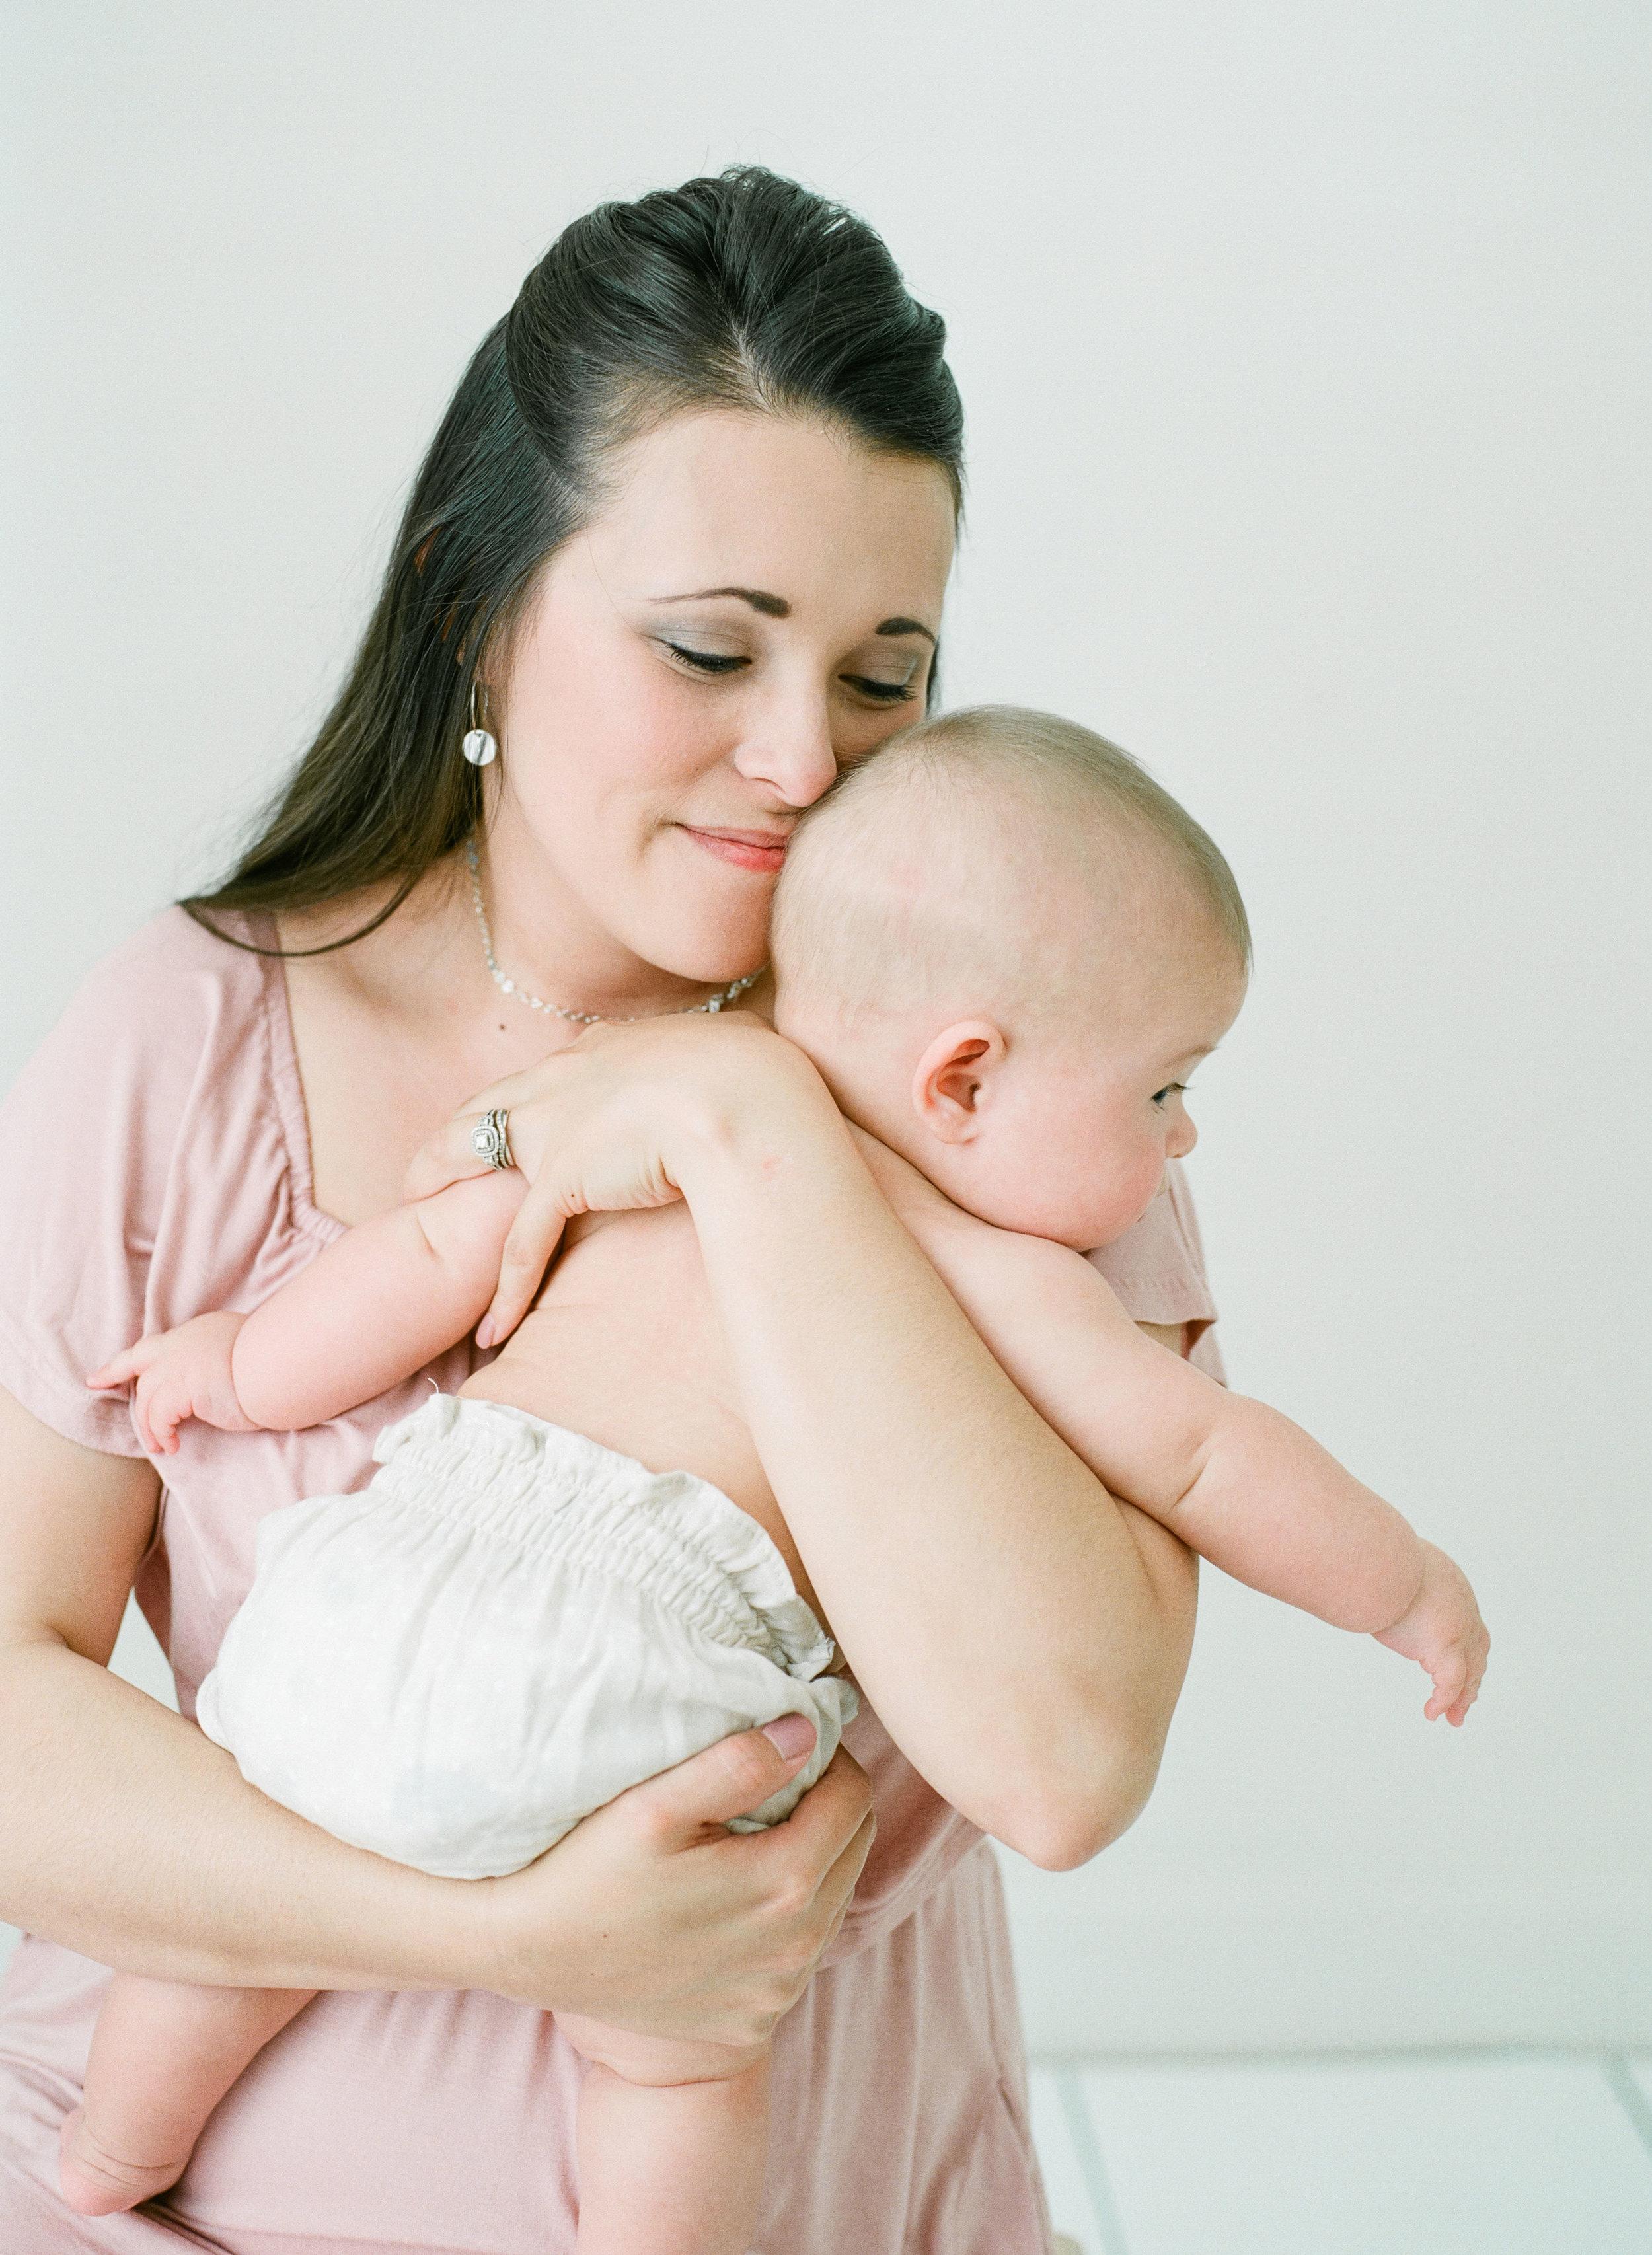 raleigh-baby-photographer-studio-newborns-children-photography-002